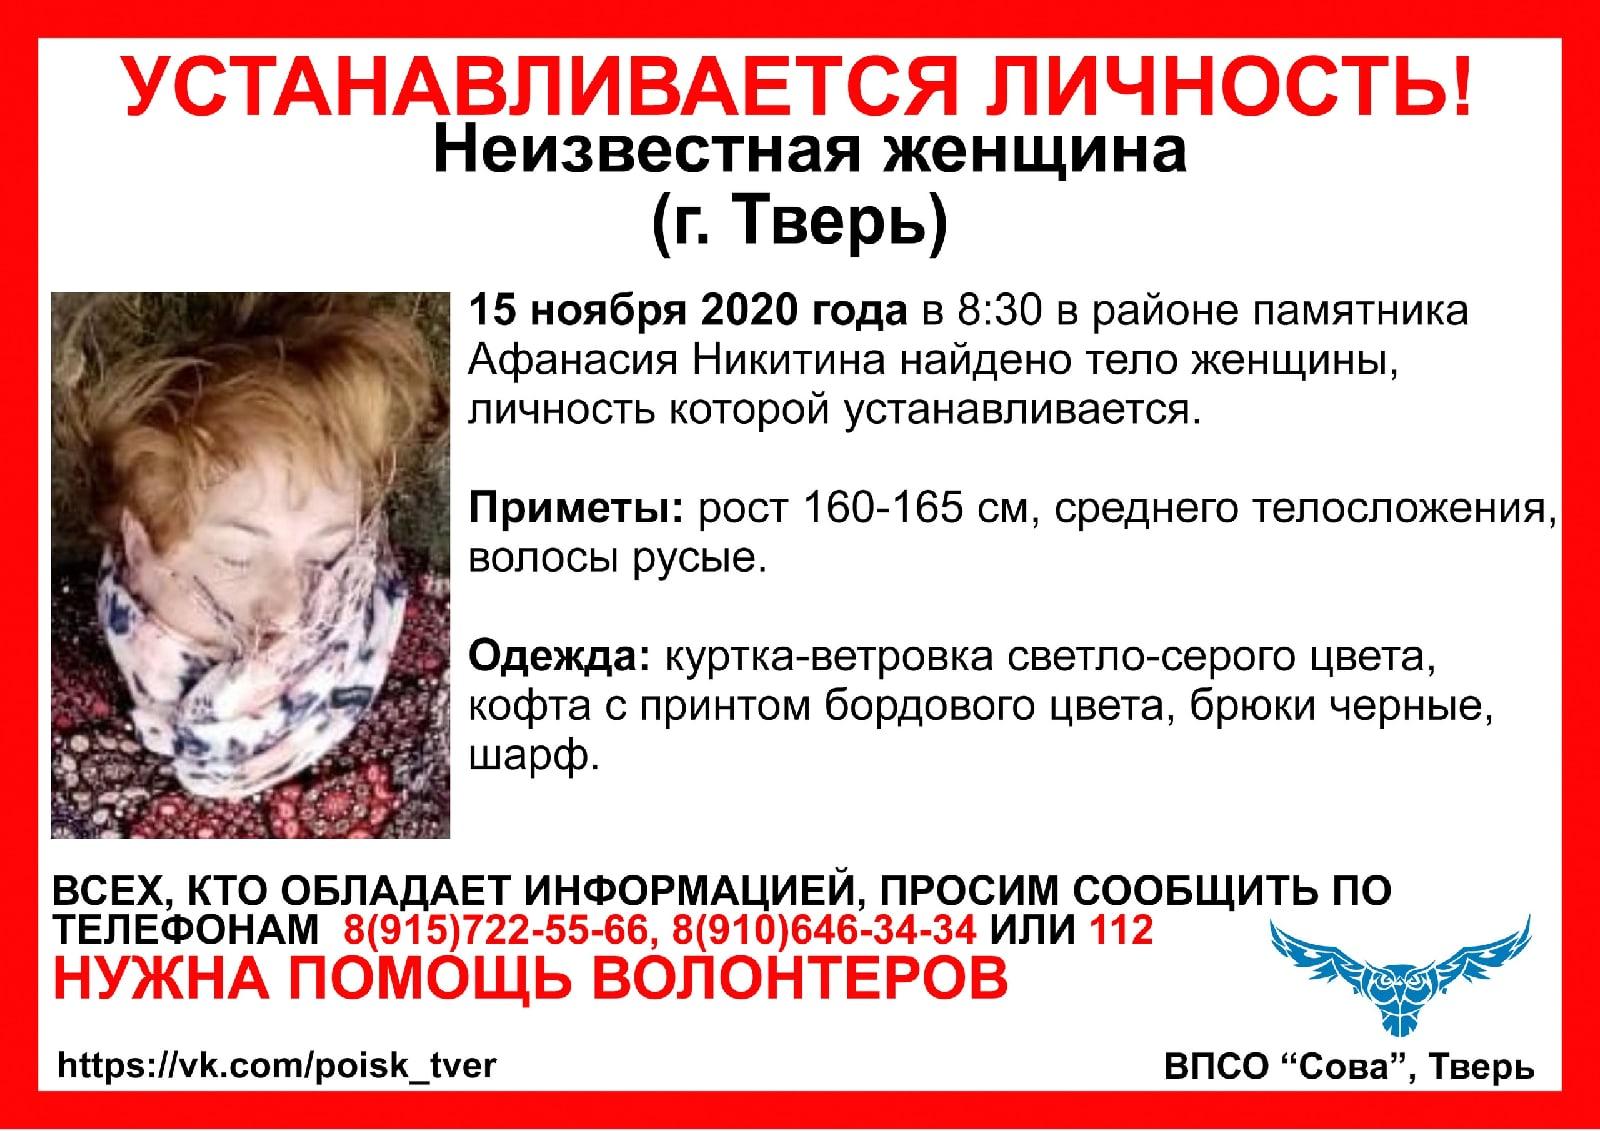 В Твери устанавливают личность женщины, тело которой нашли у памятника